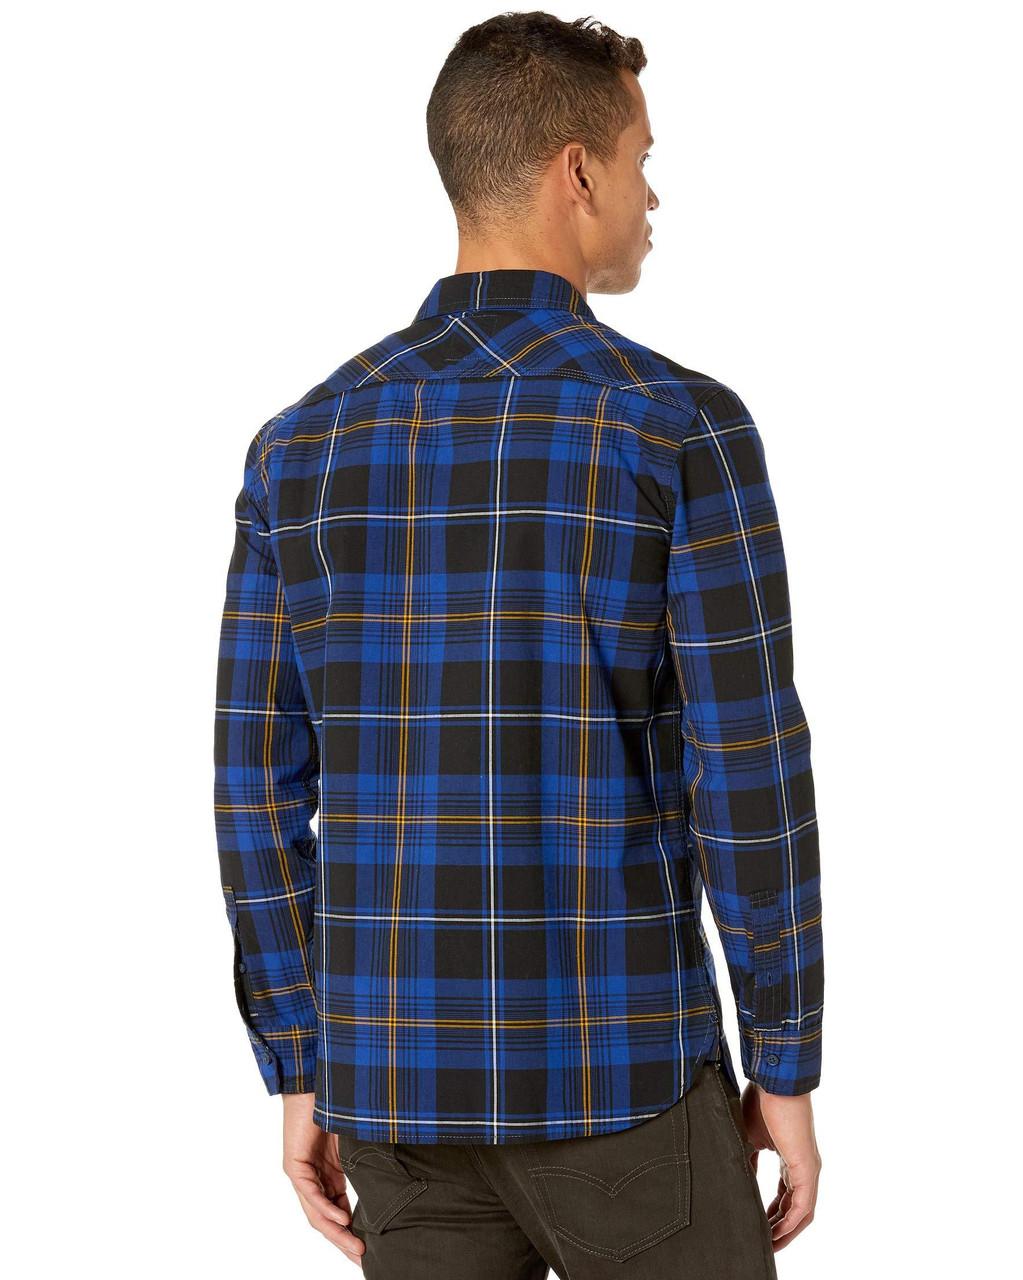 Levi's Мужская рубашка - Е2 - фото 2